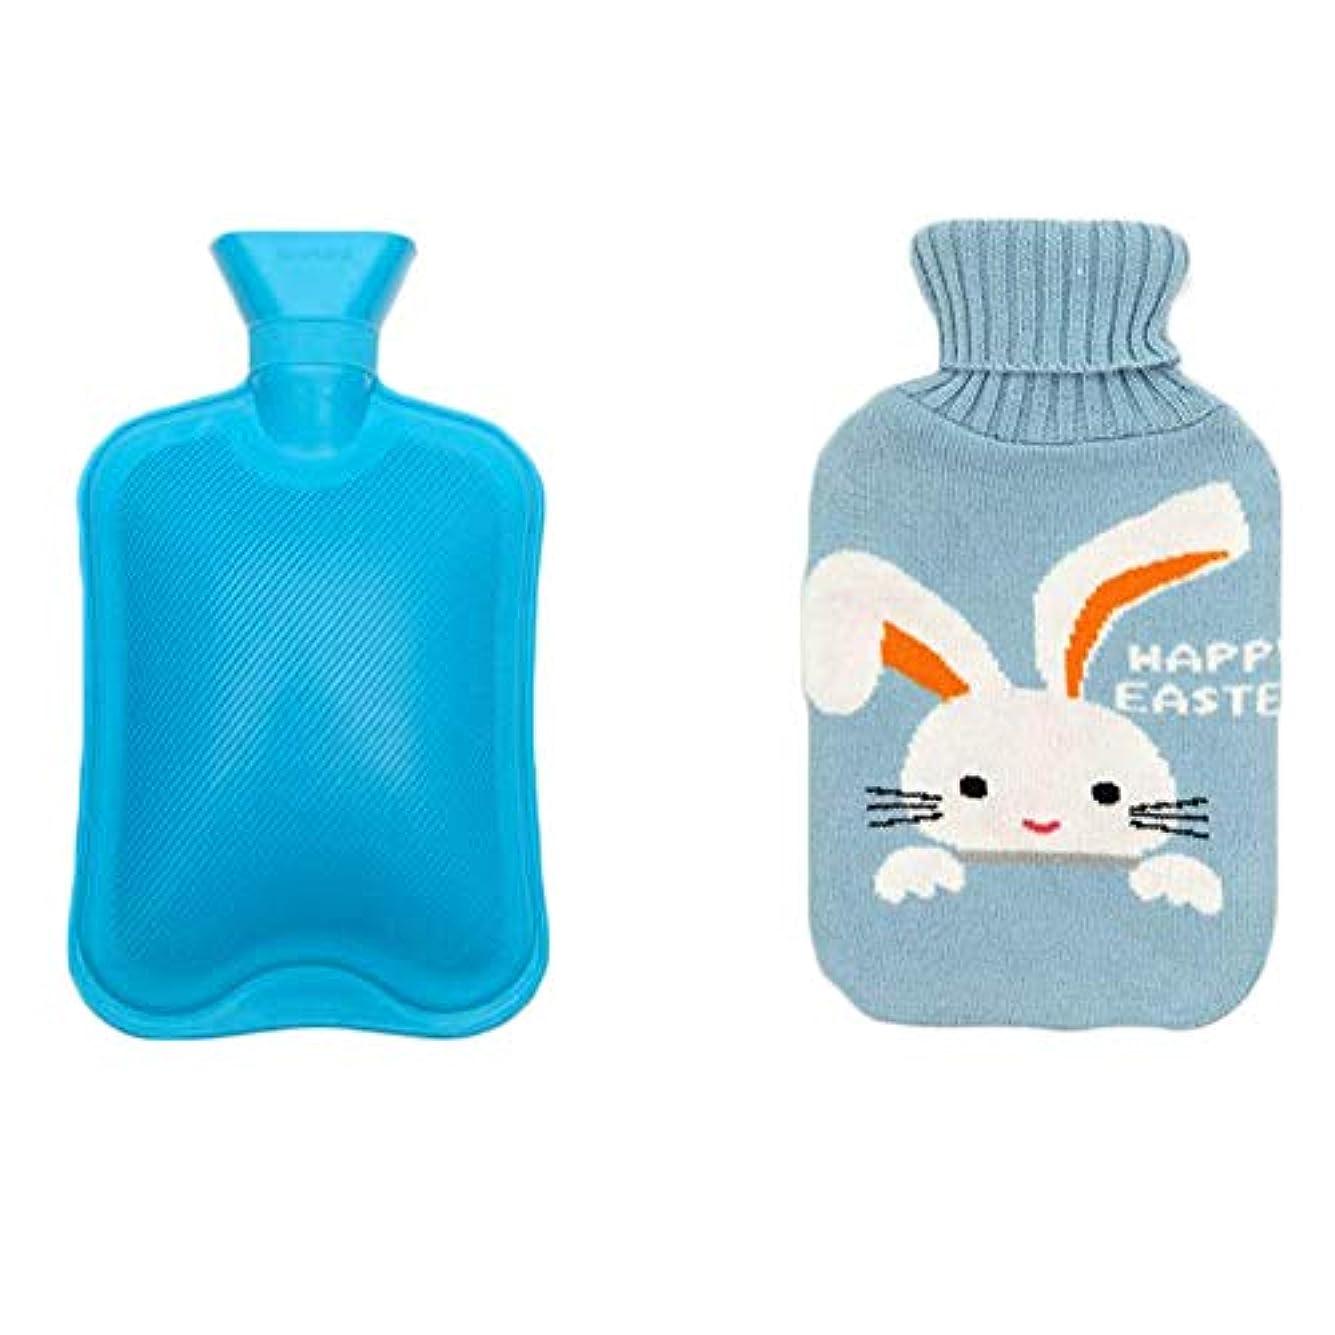 放置哲学者趣味かわいいウサギのデザイン 冬のホットボトル1リットル